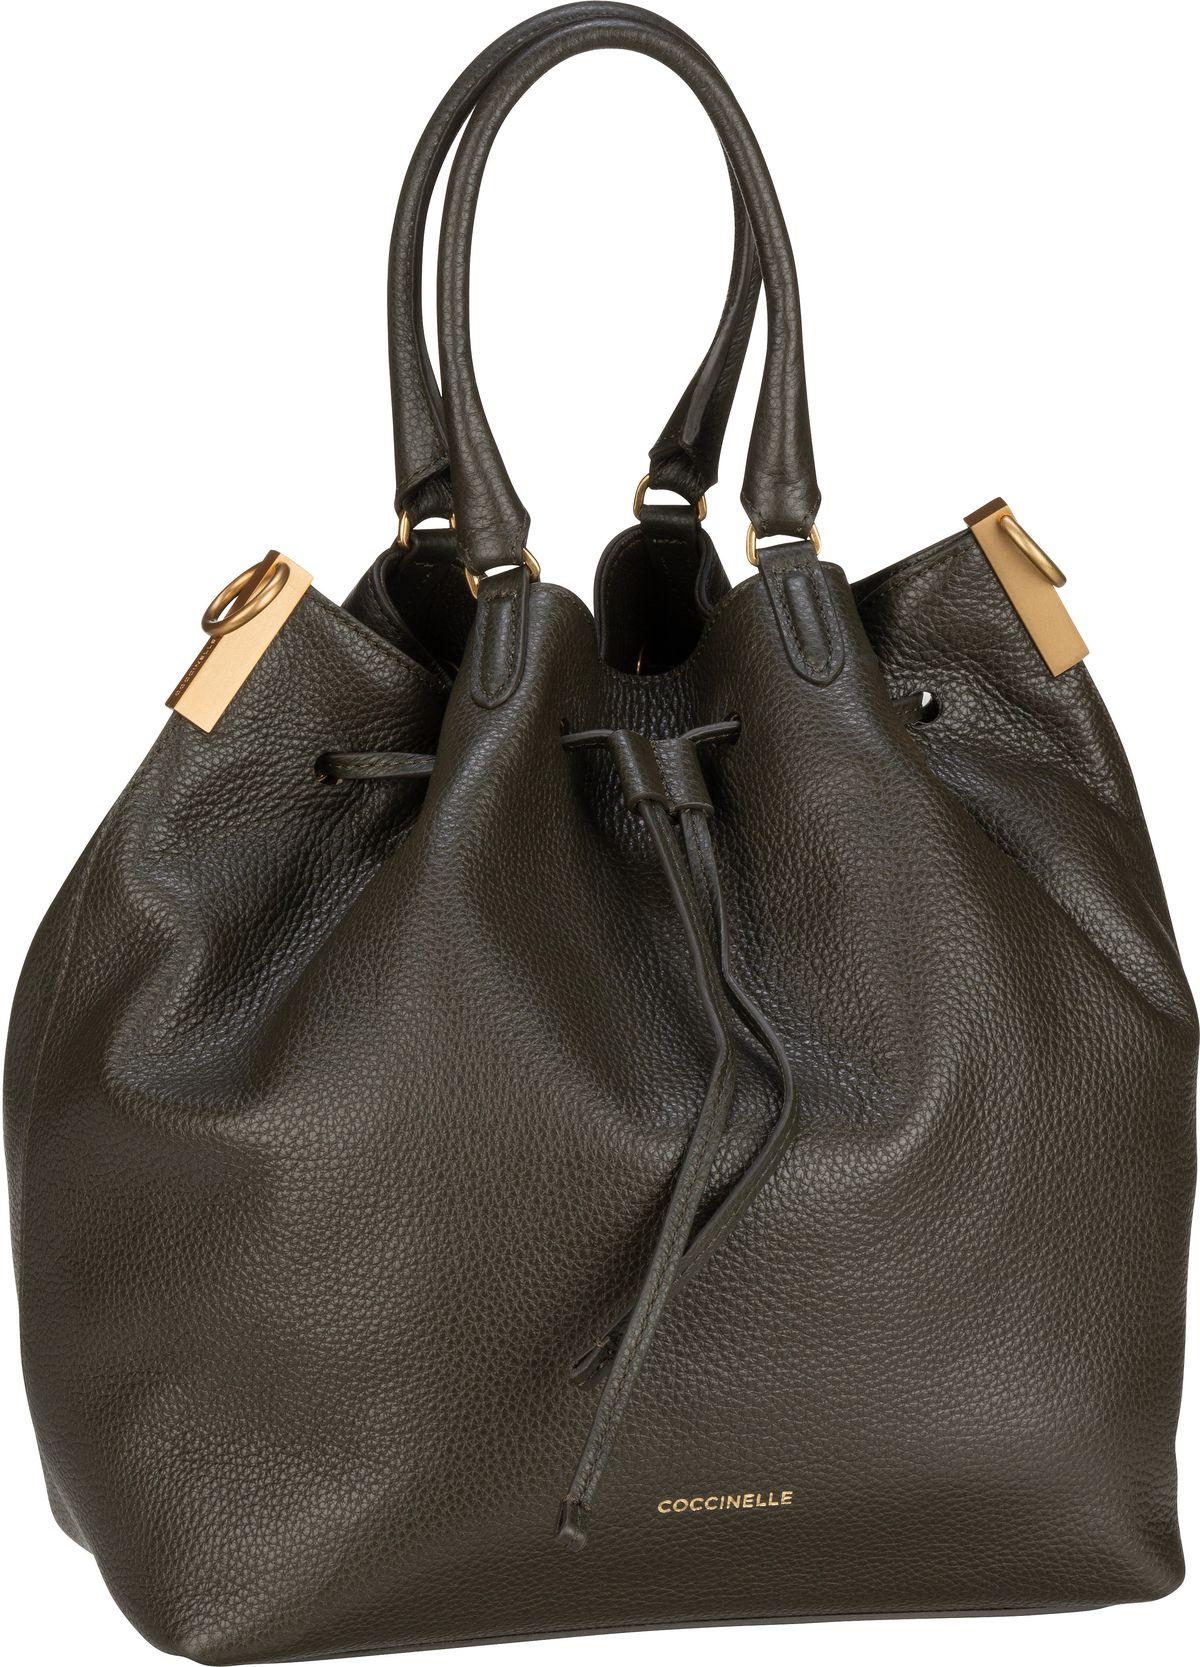 Handtasche Gabrielle 1803 Reef